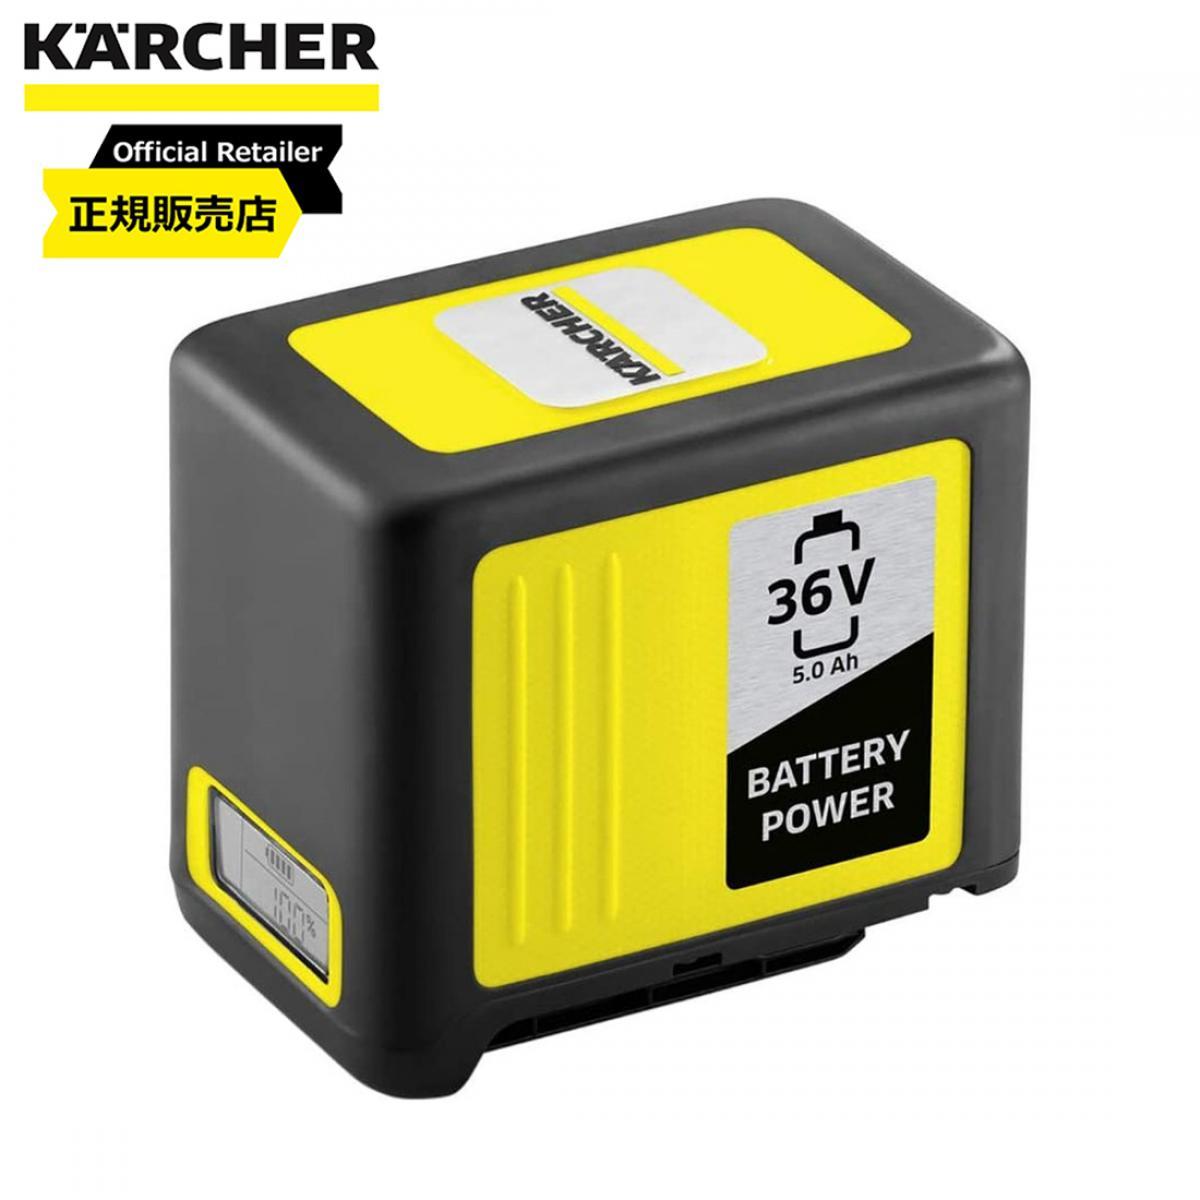 合計1万円以上で送料無料 希望者のみラッピング無料 離島 沖縄除く ケルヒャー KARCHER 36V 在庫あり 2.445-061.0 バッテリーパワー 5.0Ah